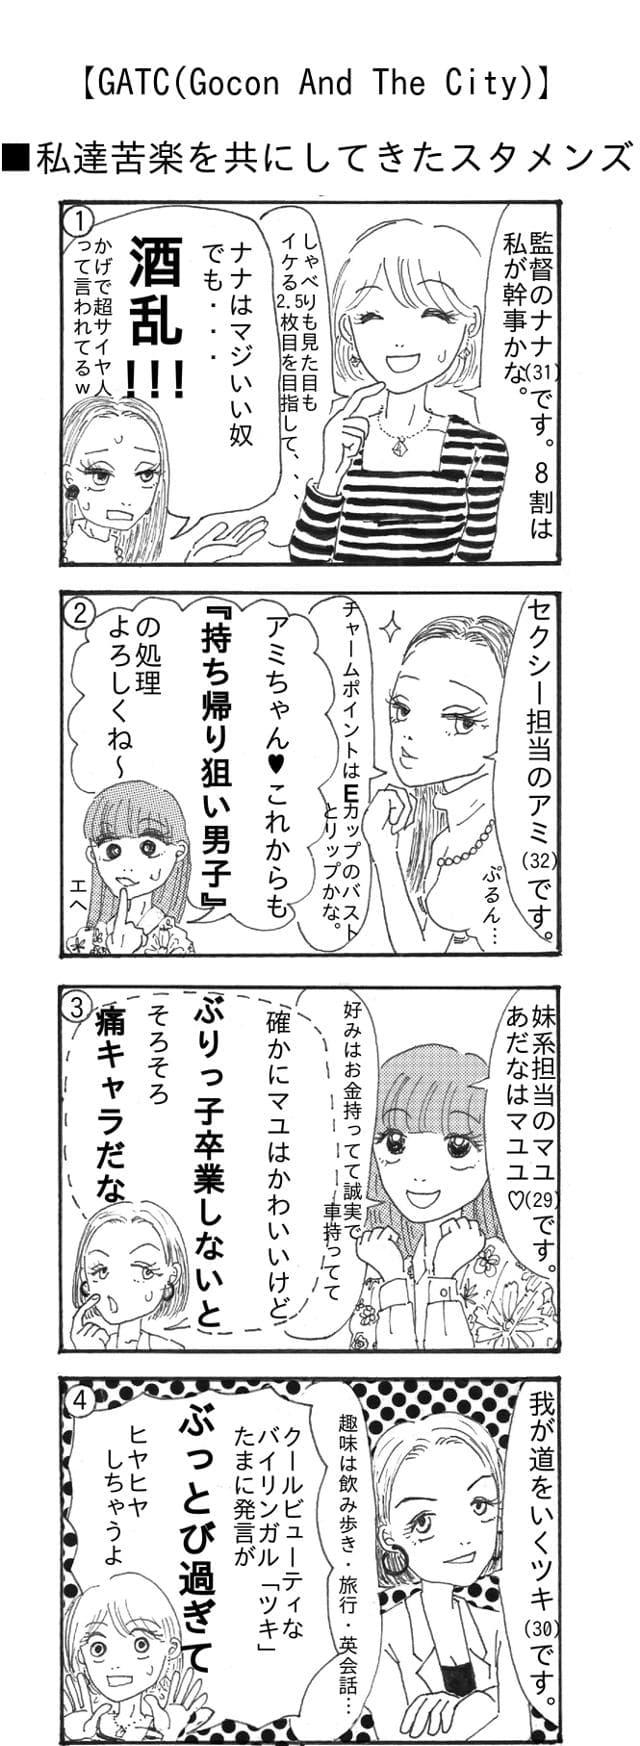 ミフル AM アム 合コン 四コマ